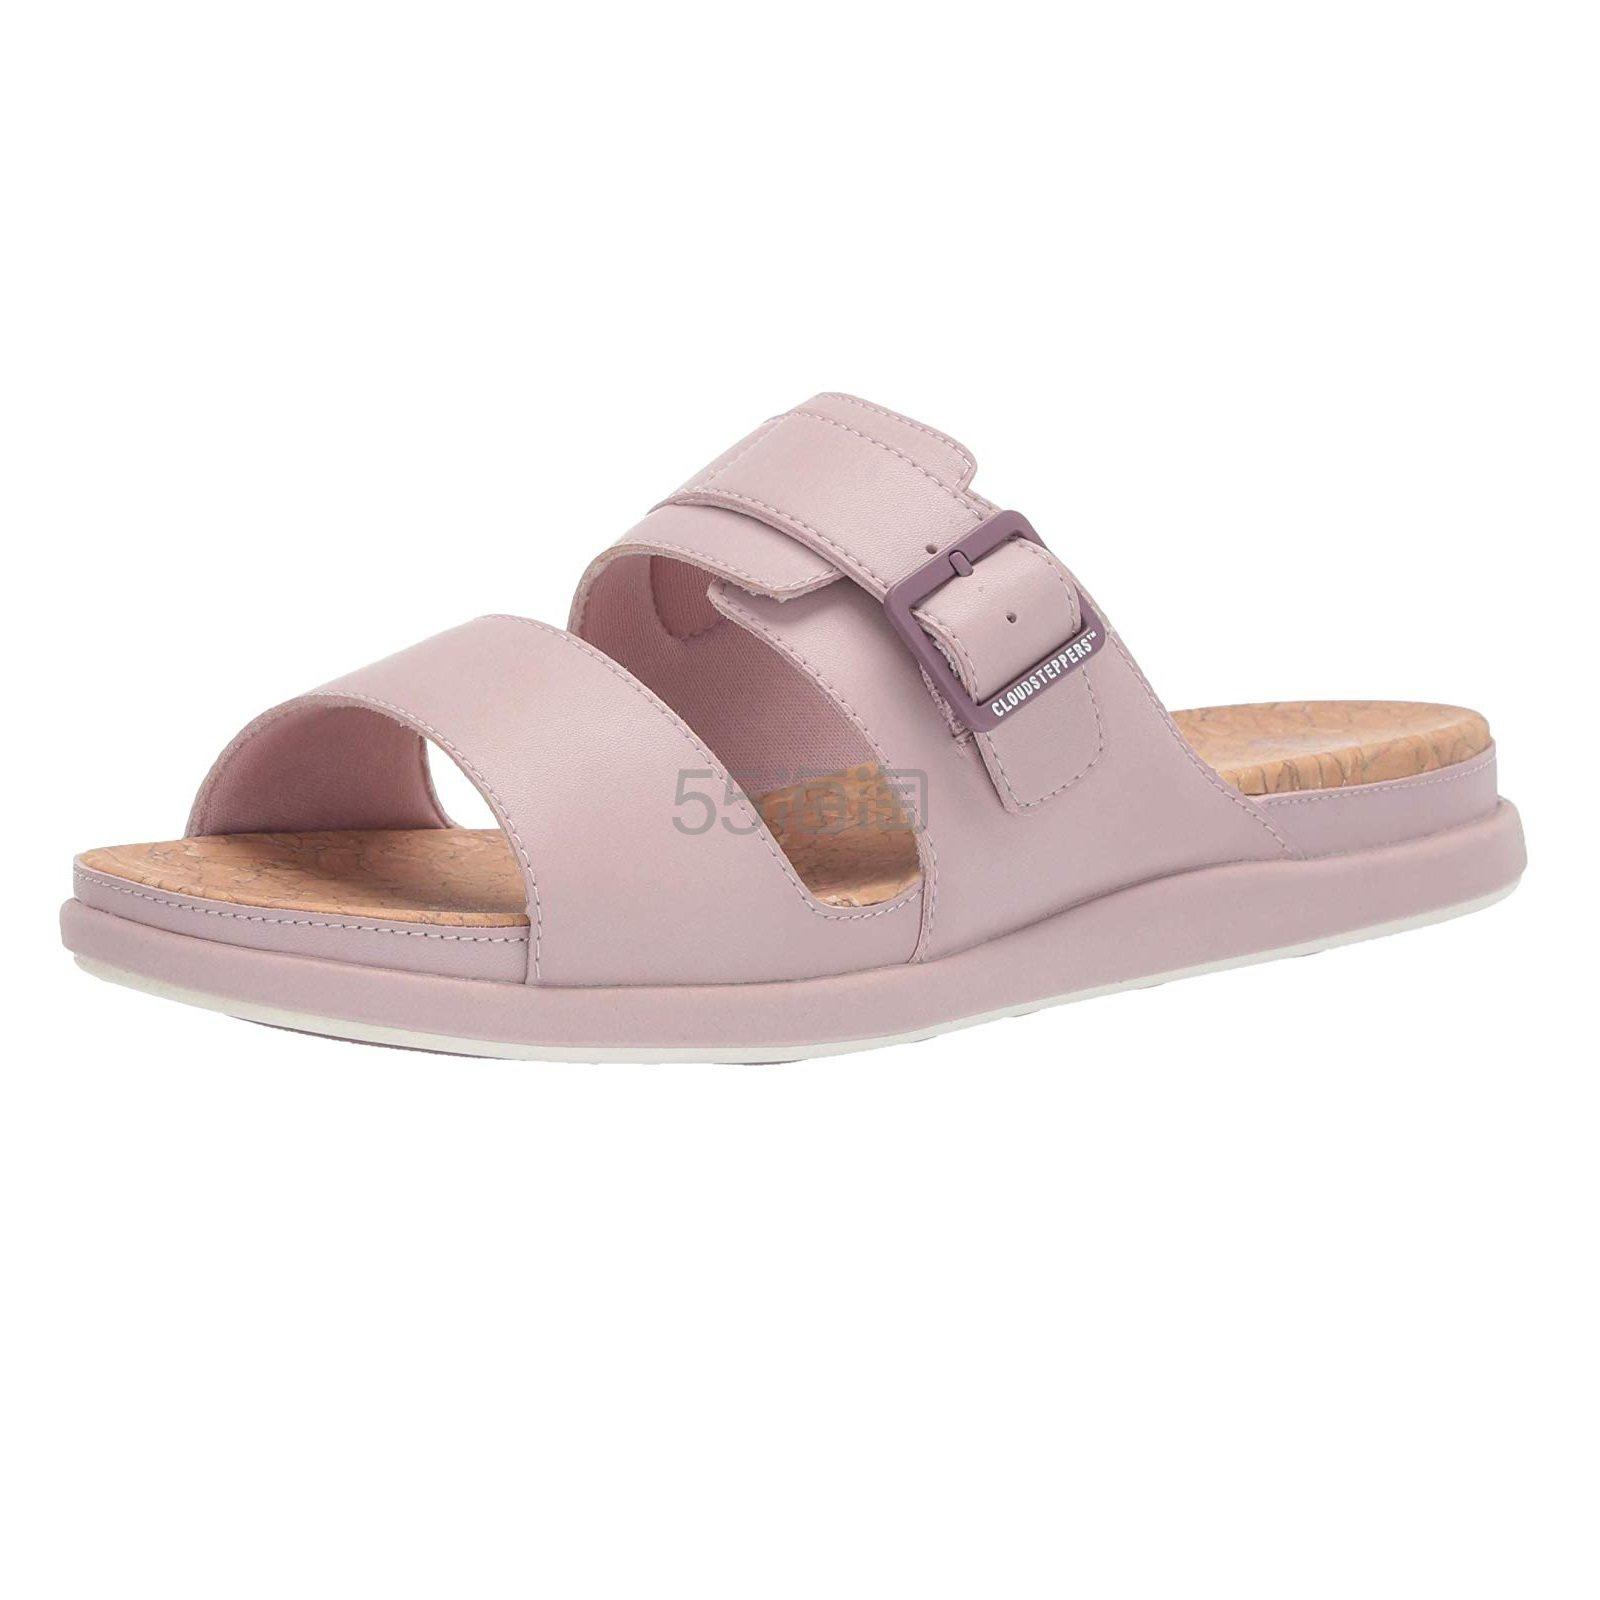 【中亚Prime会员】Clarks 其乐 Step June Tide 女士沙滩凉鞋拖鞋 到手价301元 - 海淘优惠海淘折扣|55海淘网